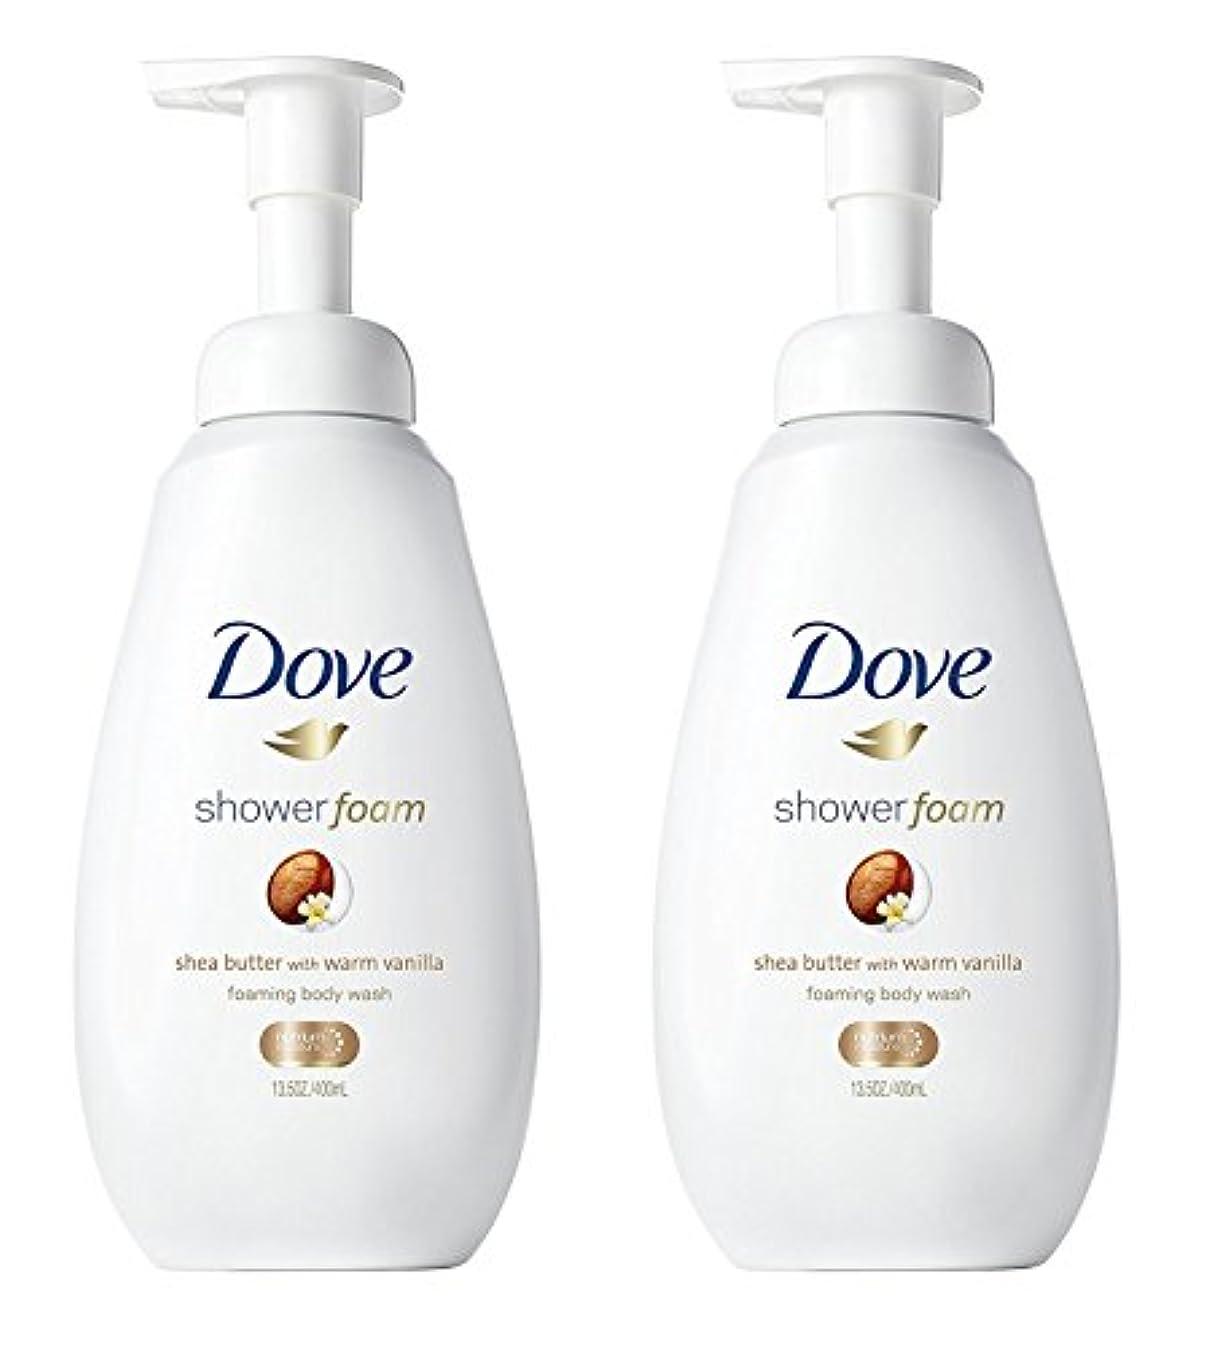 楽しい素晴らしき平行Dove シャワー泡 - ウォームバニラシアバター - - ボディウォッシュを発泡ネット重量。ボトルあたり13.5液量オンス(400ml)を - 2本のボトルのパック